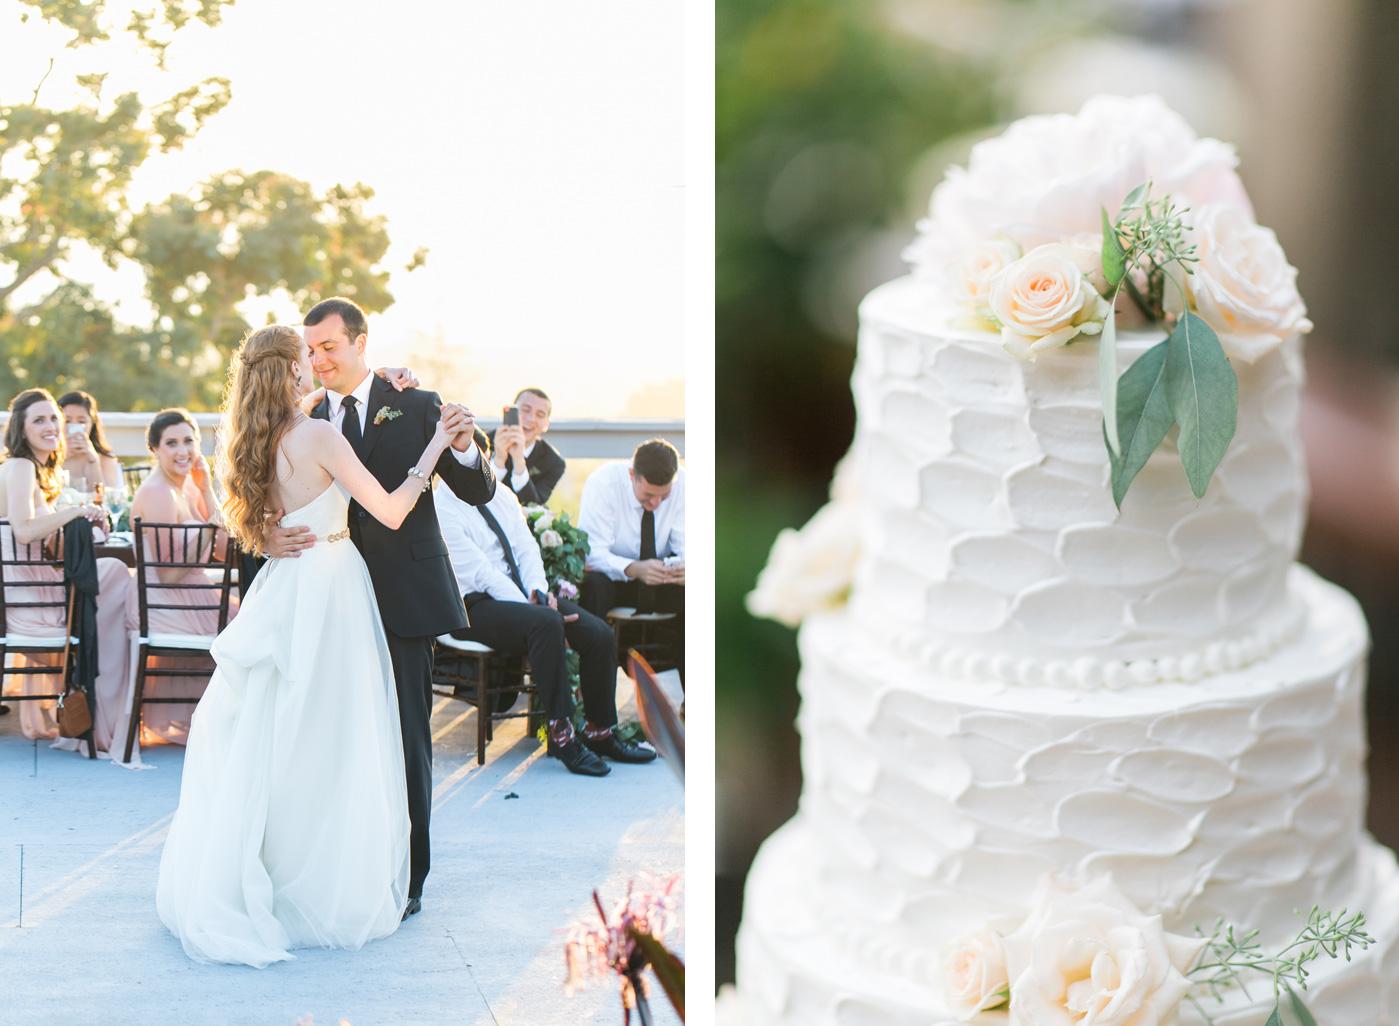 San-diego-wedding-26